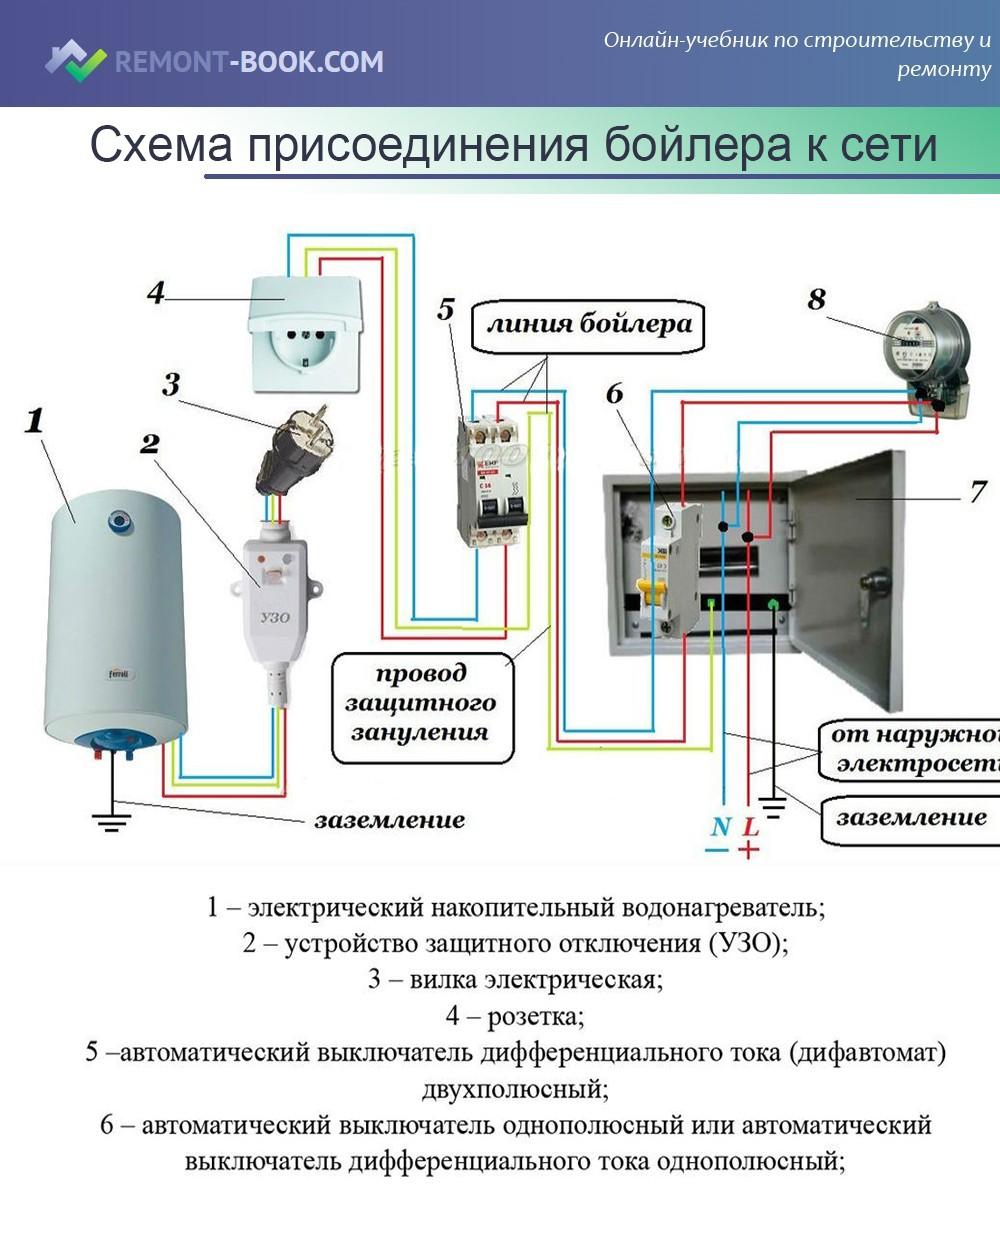 Схема присоединения бойлера к электрической сети